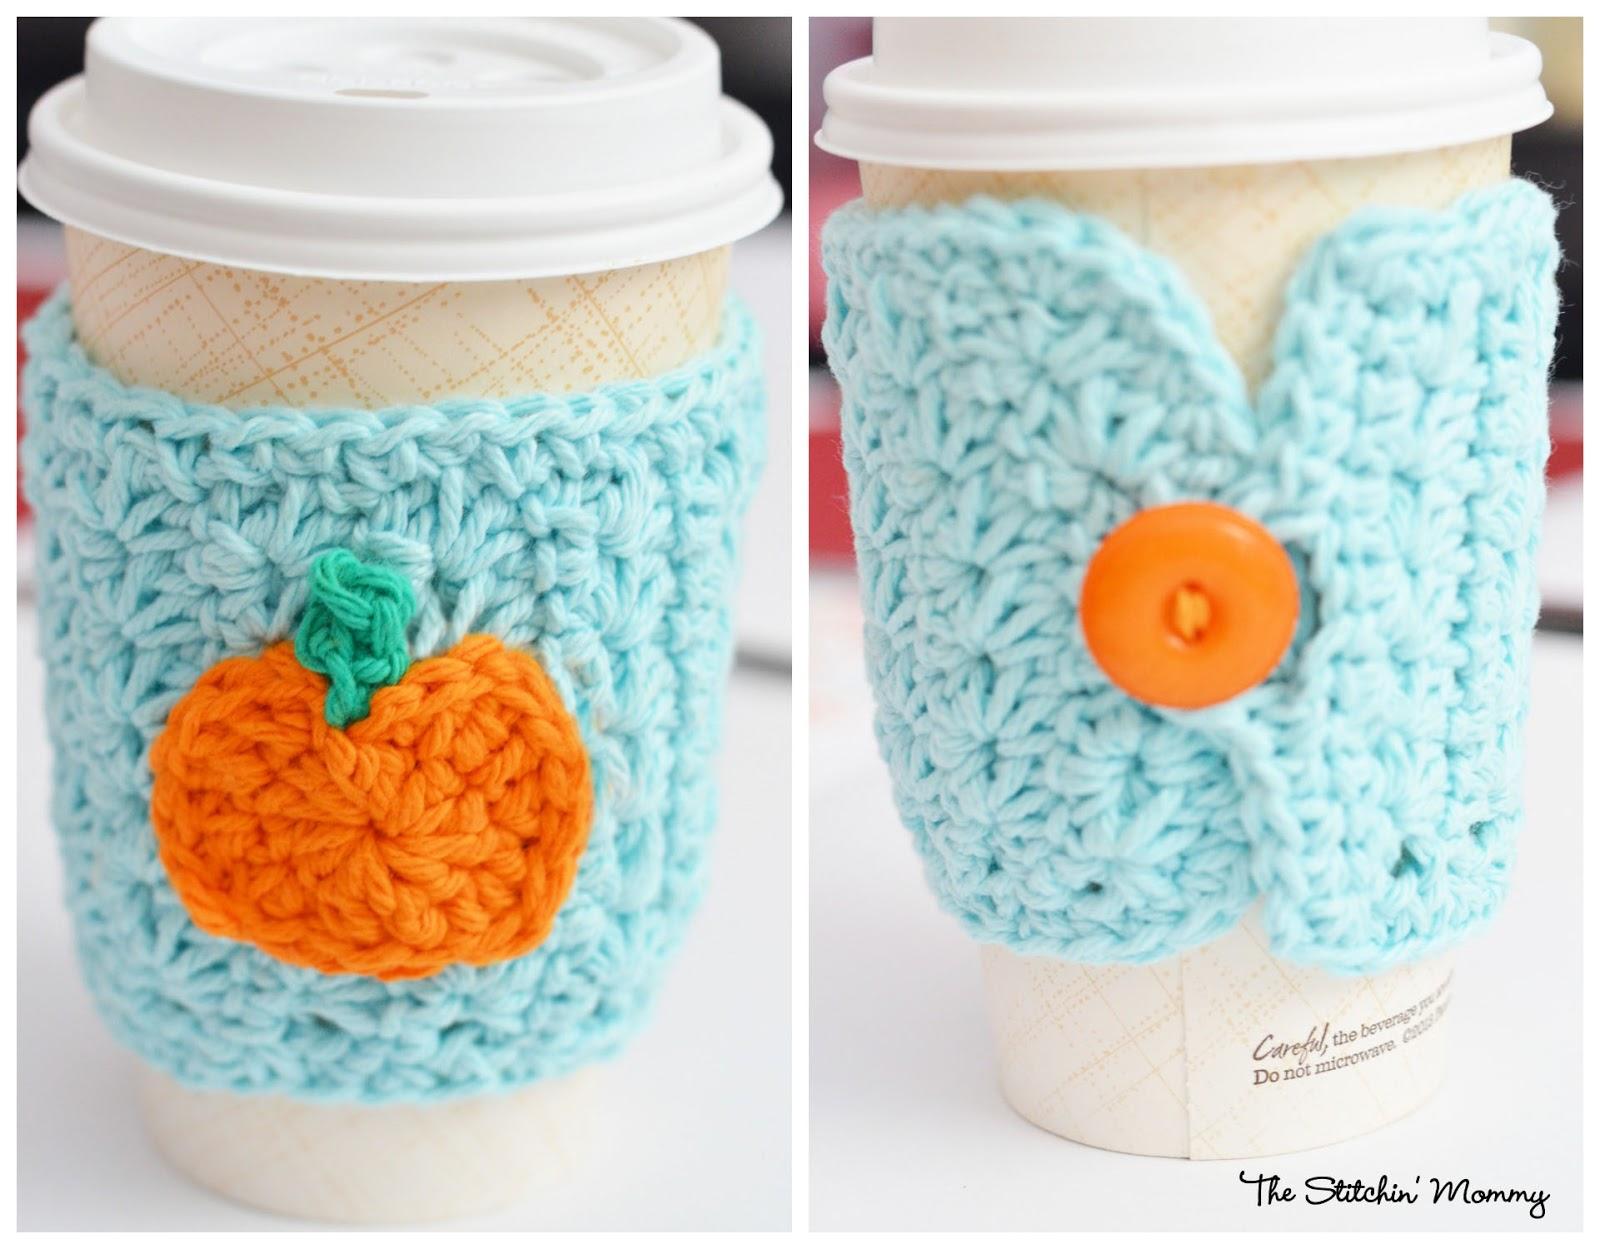 Crochet Star Stitch Pumpkin Coffee Cozy by The Stitchin' Mommy